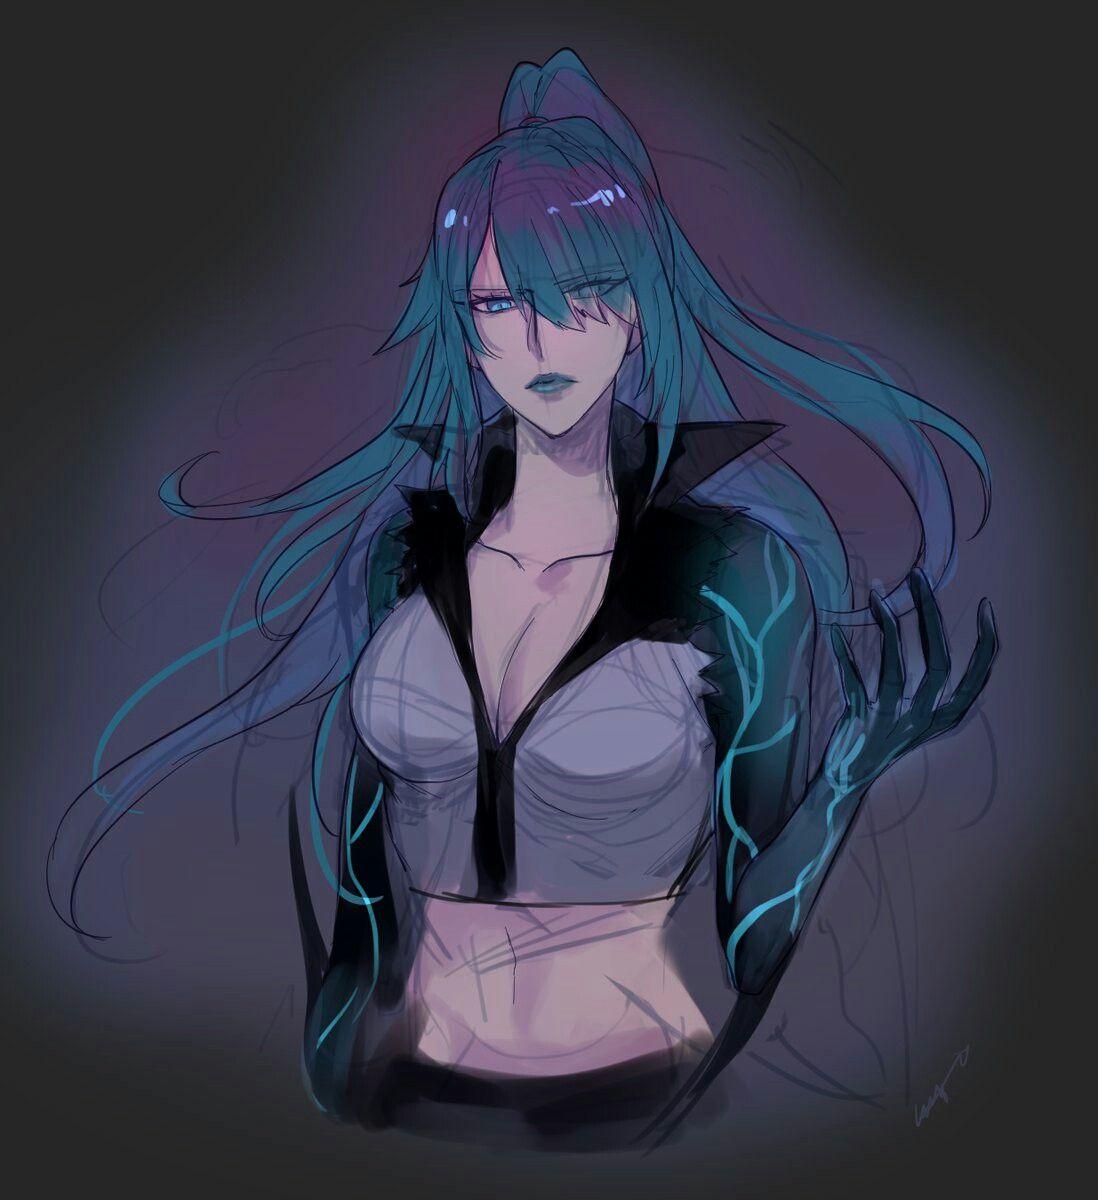 Mary - Noblesse  Female villains, Villain character, Female anime